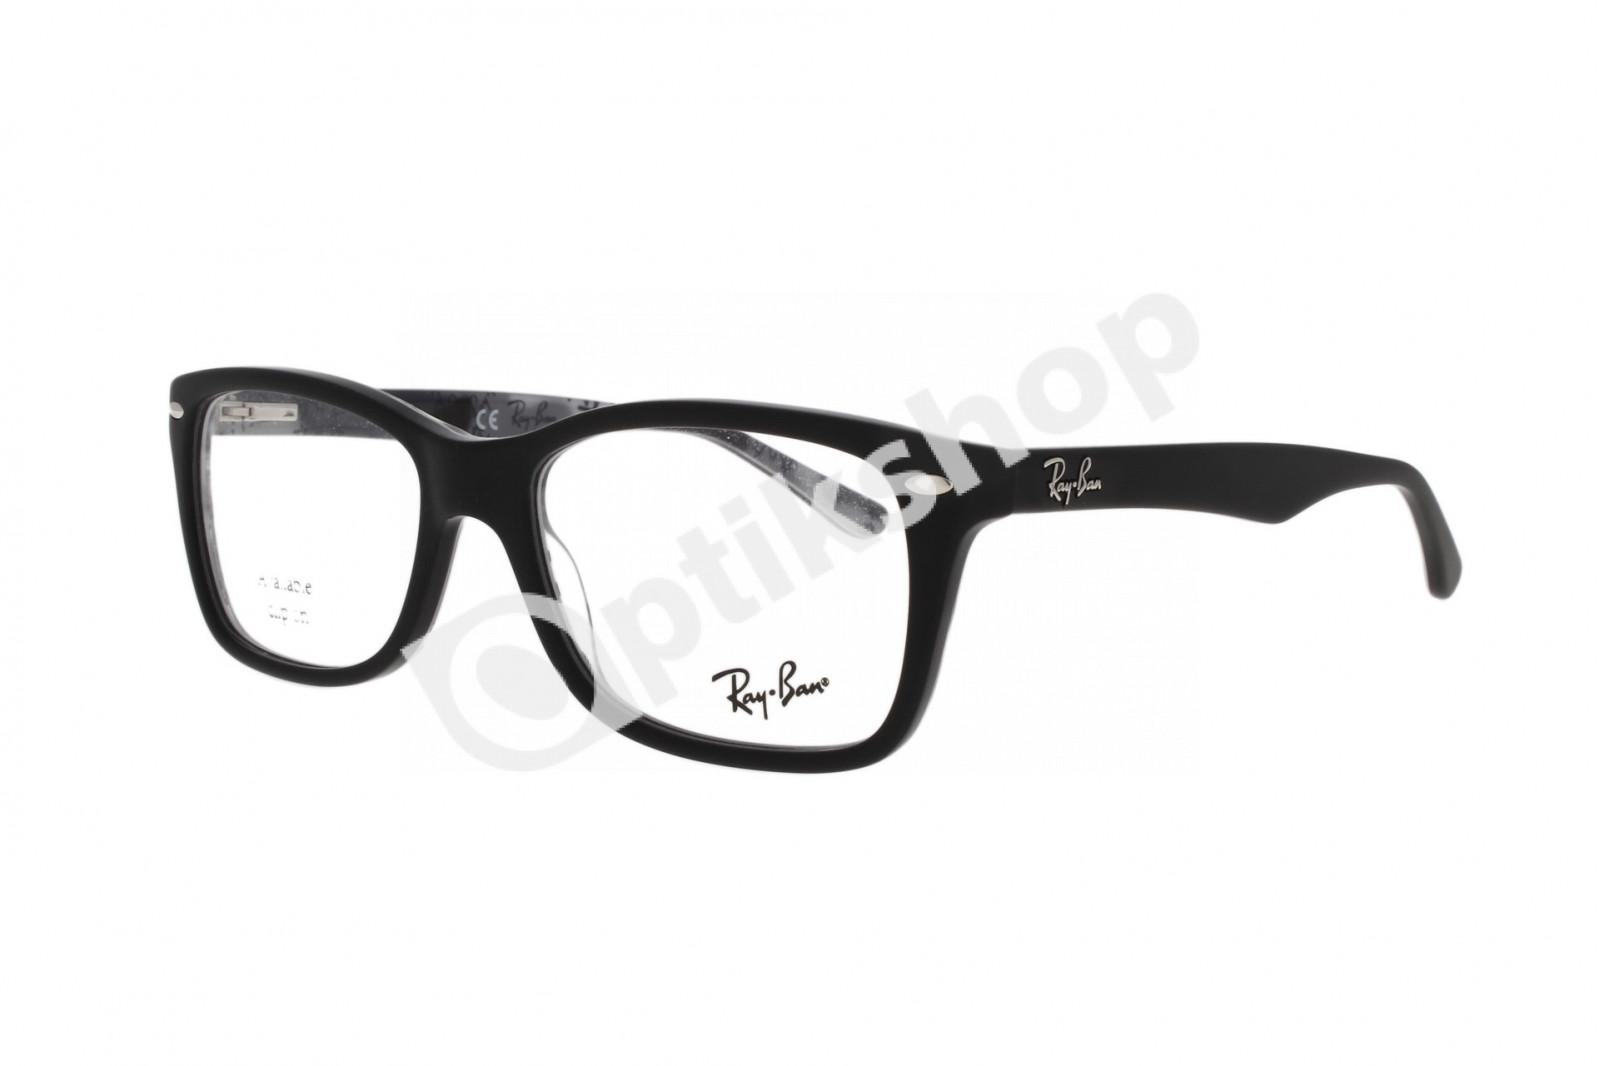 szemüvegek vásárolni